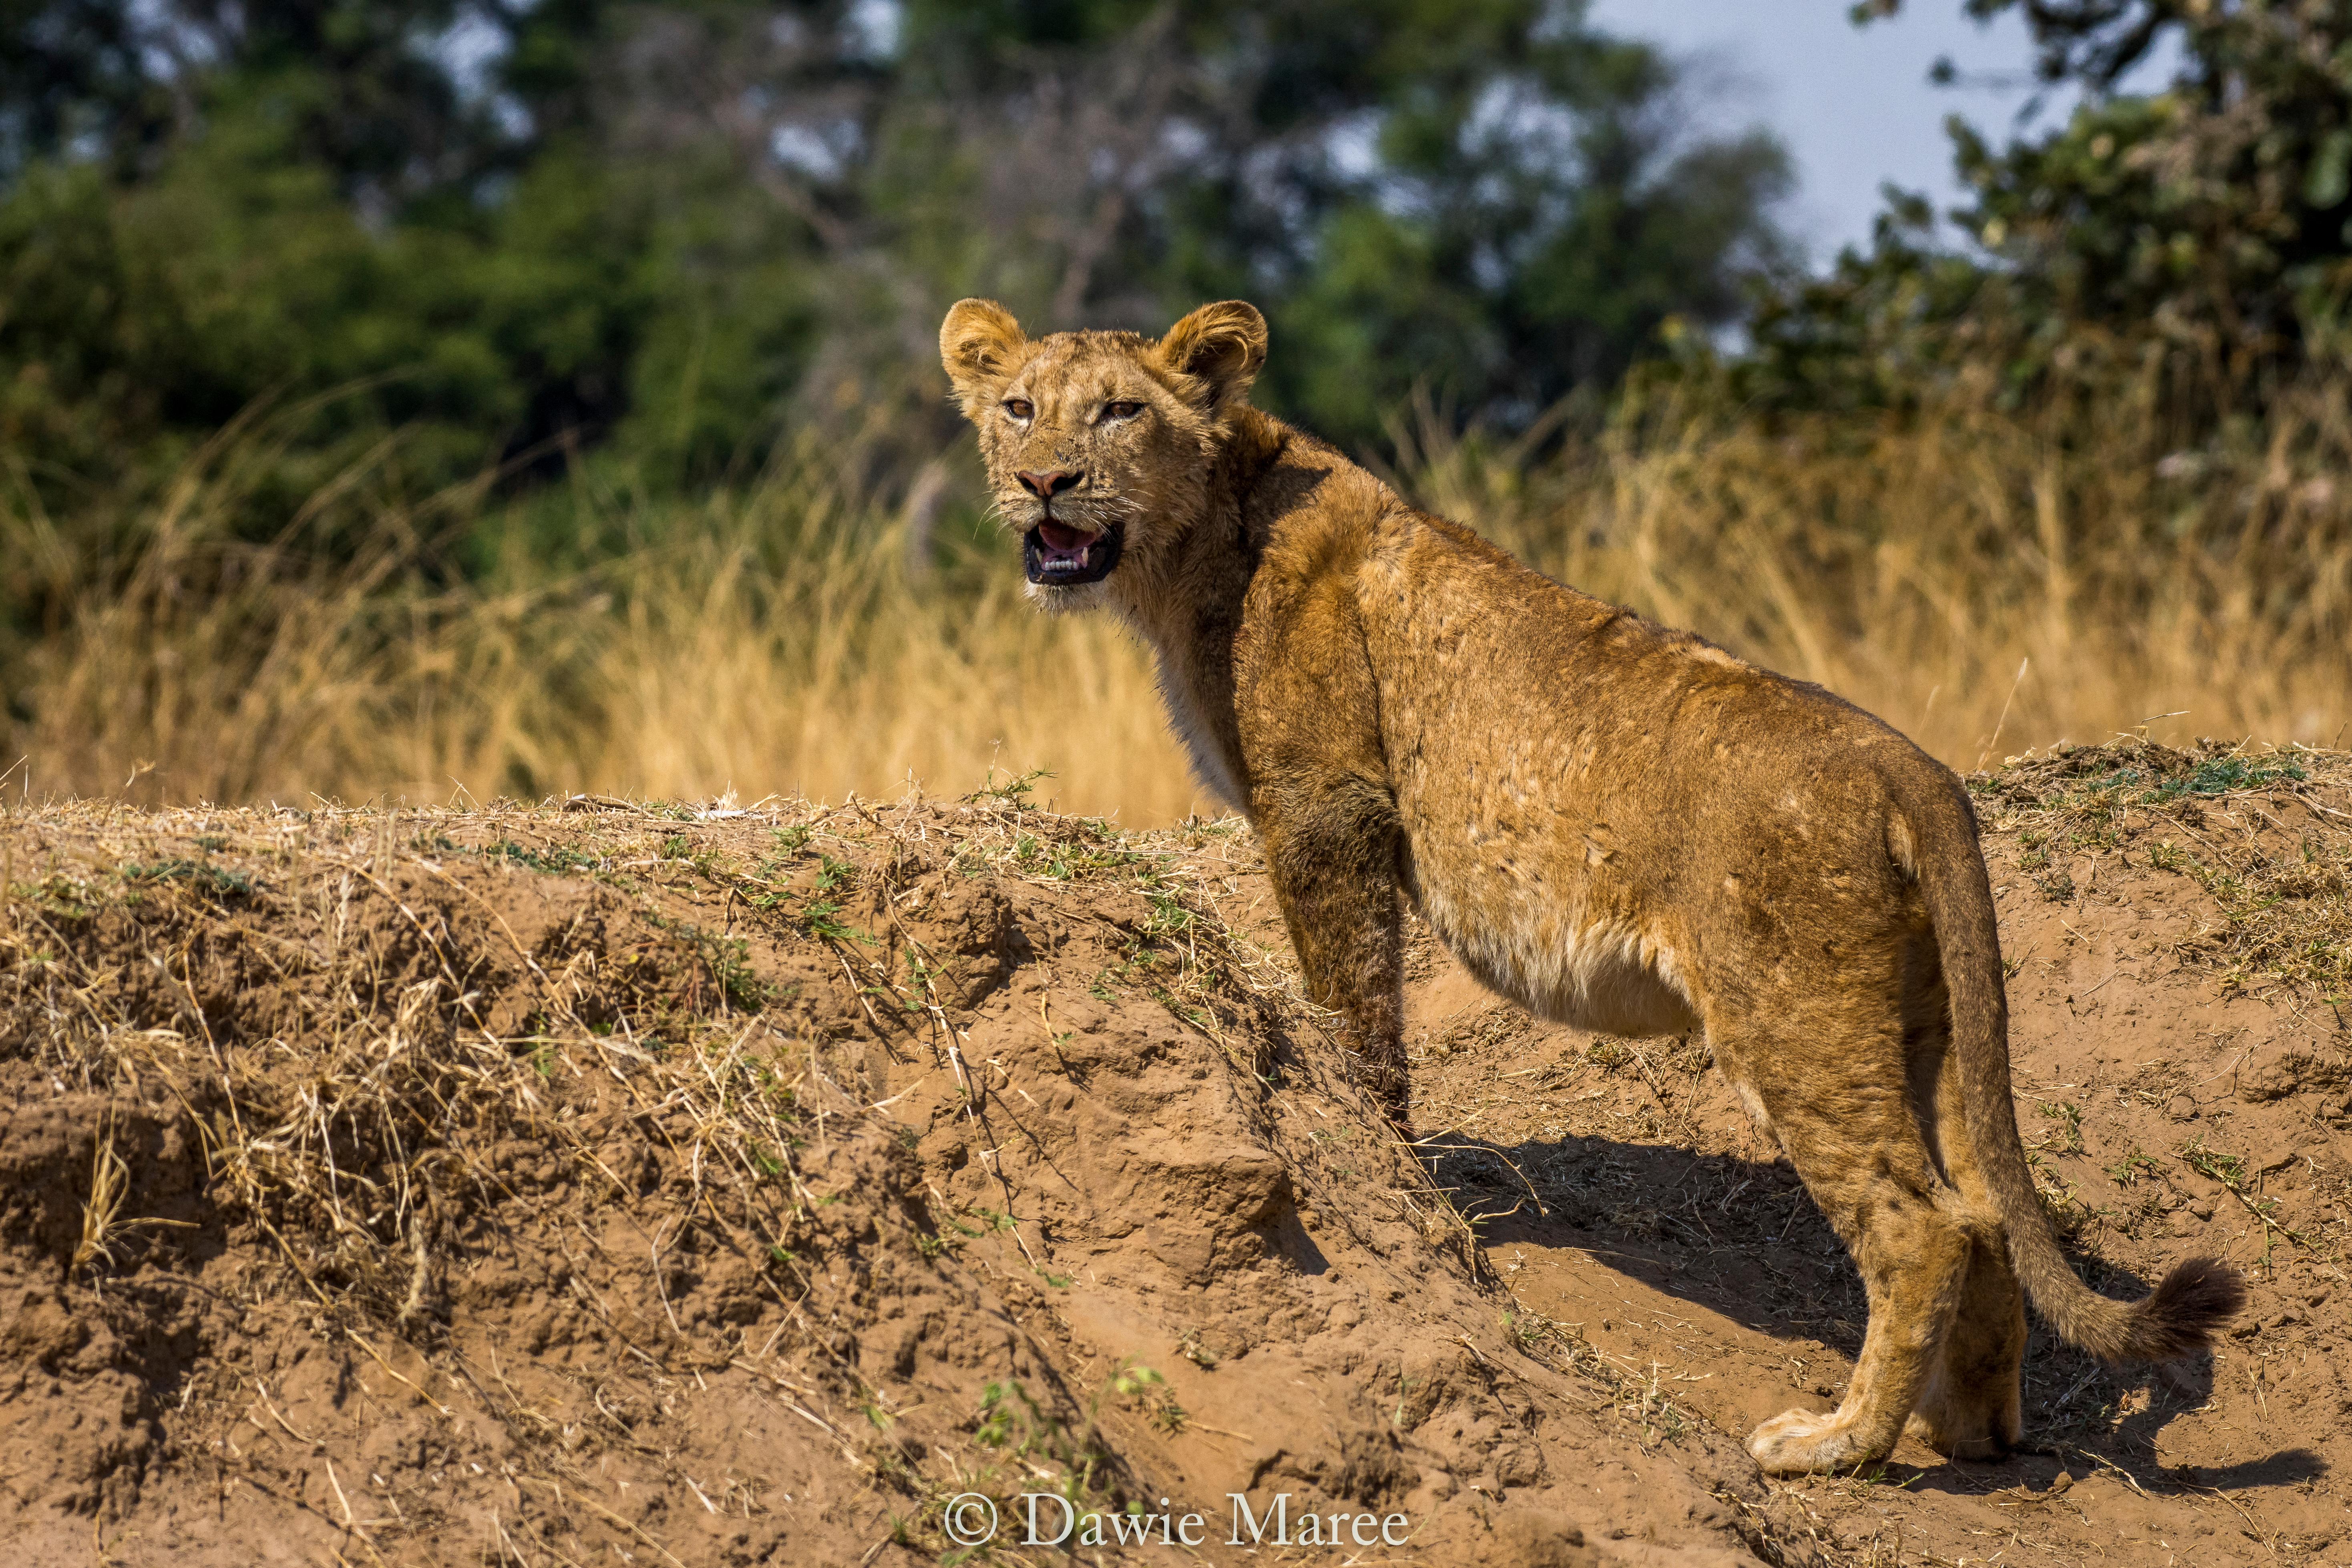 Safari southern africa tour